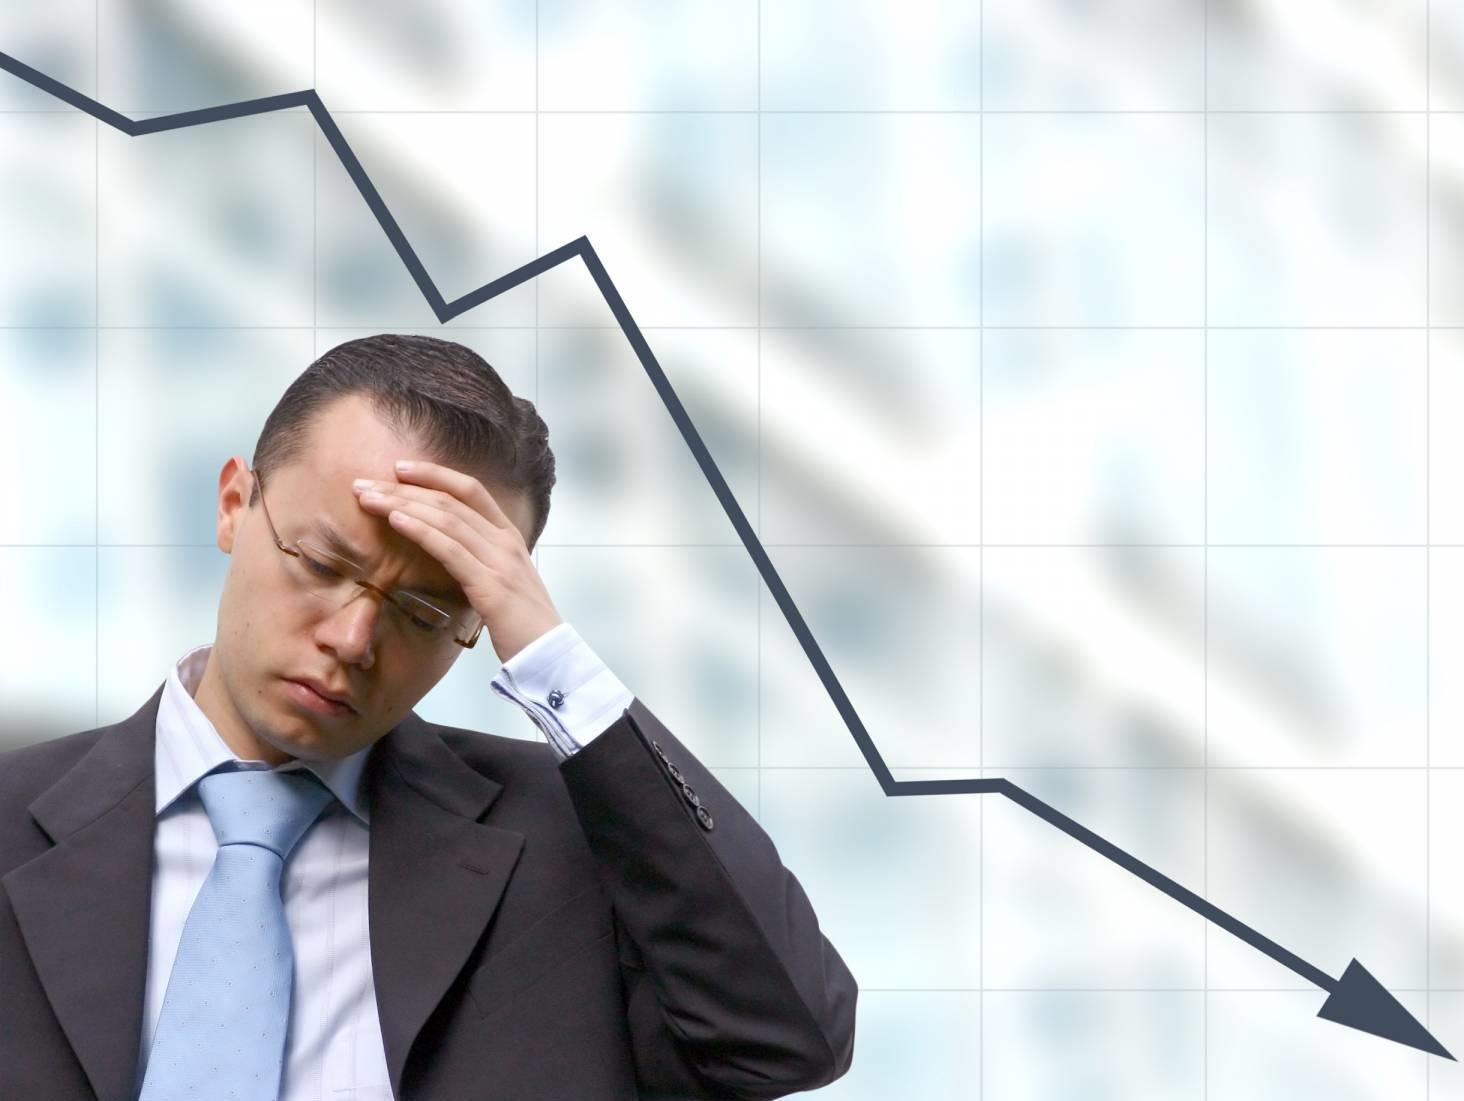 Обзор судебной практики по спорным вопросам, возникающим при оспаривании сделок должника в процессе банкротства организации (глава III_1 Закона о банкротстве) || Признание сделки недействительной в рамках банкротства